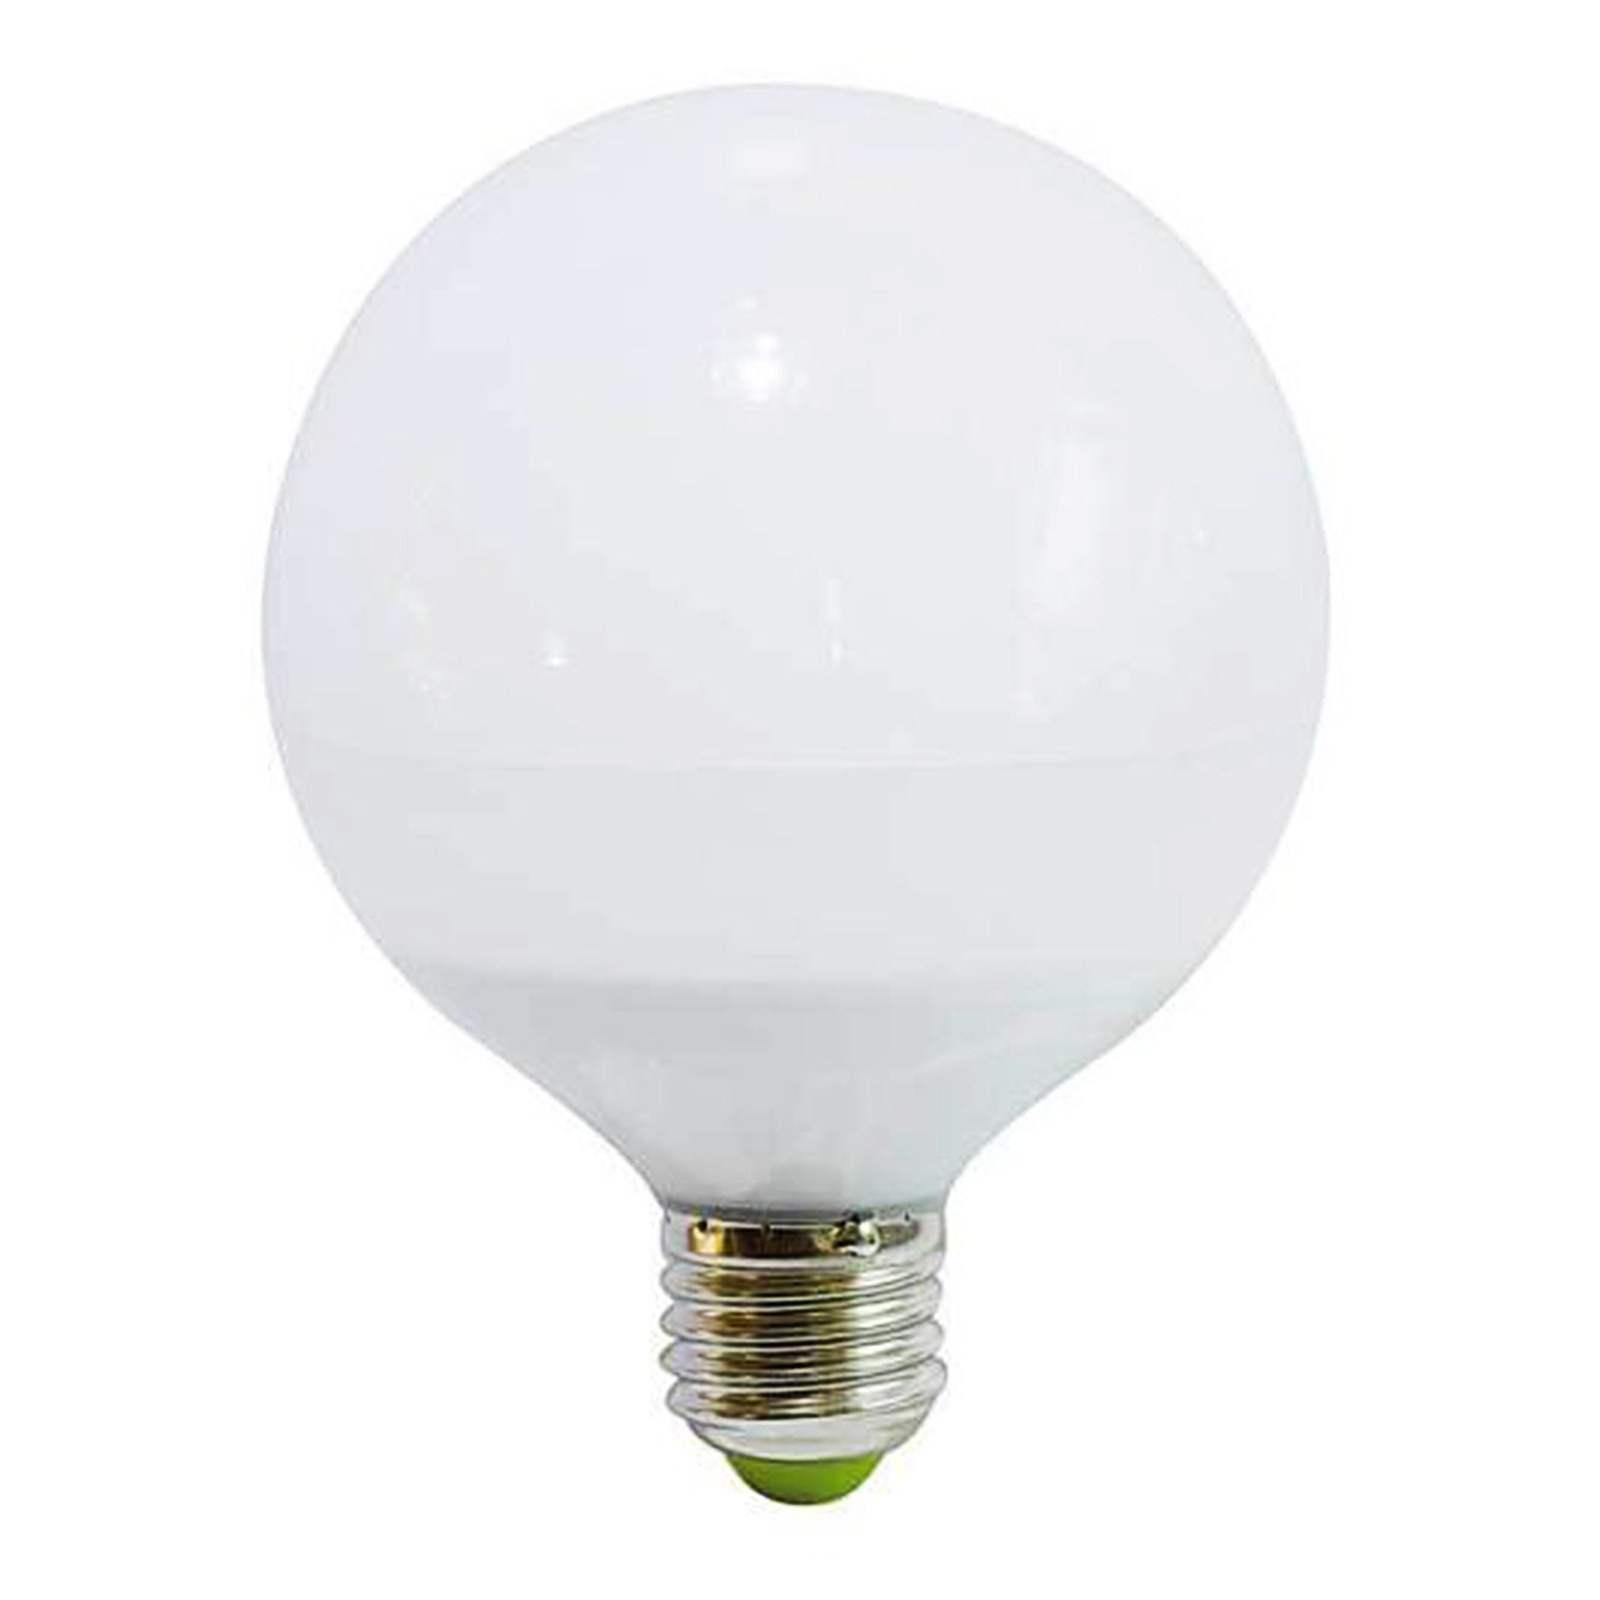 Lampadina a led 12 watt attacco e27 globo ecoworld for Lampadine led 100 watt